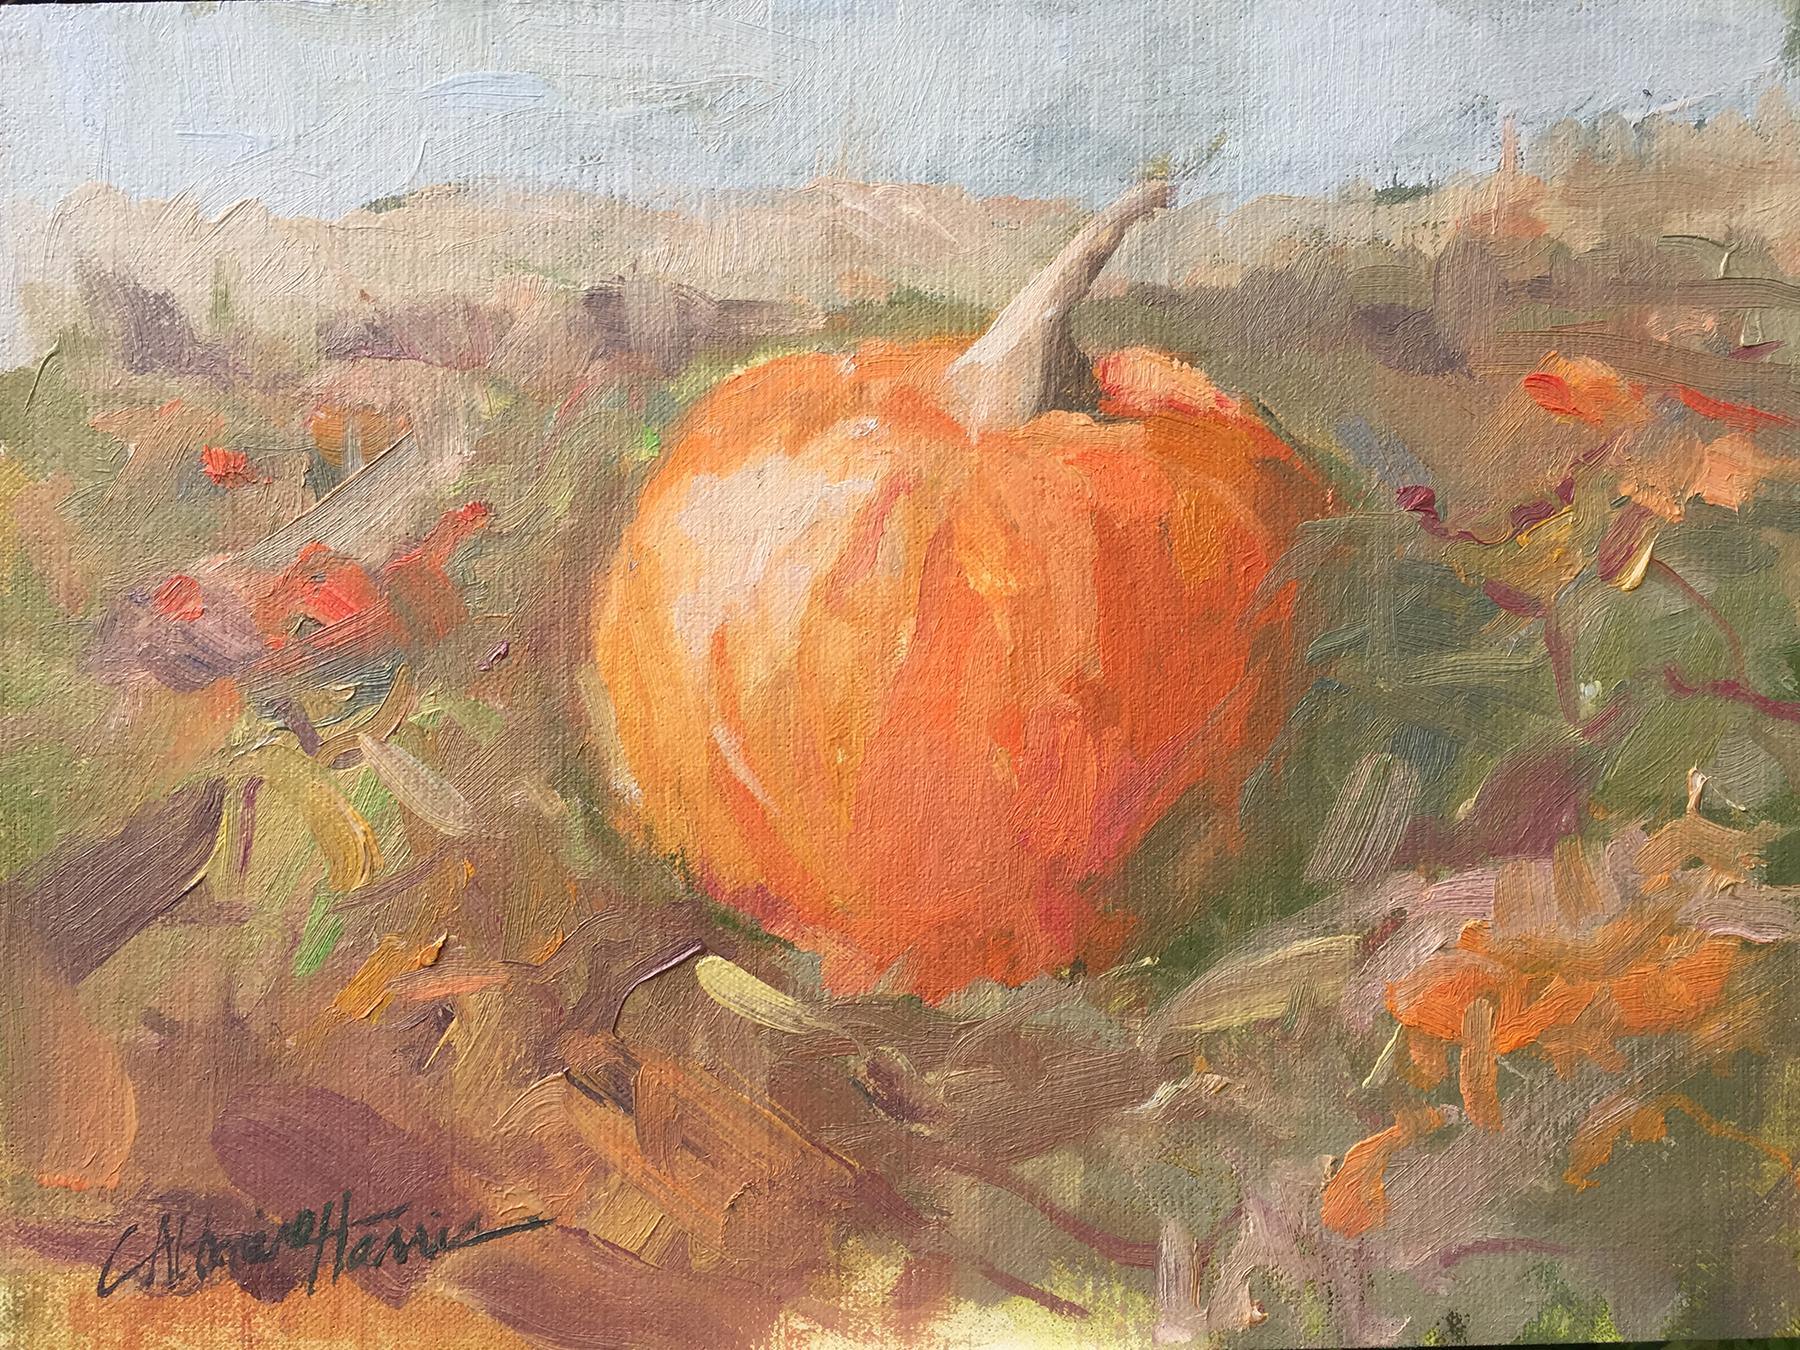 The Pumpkin Patch*